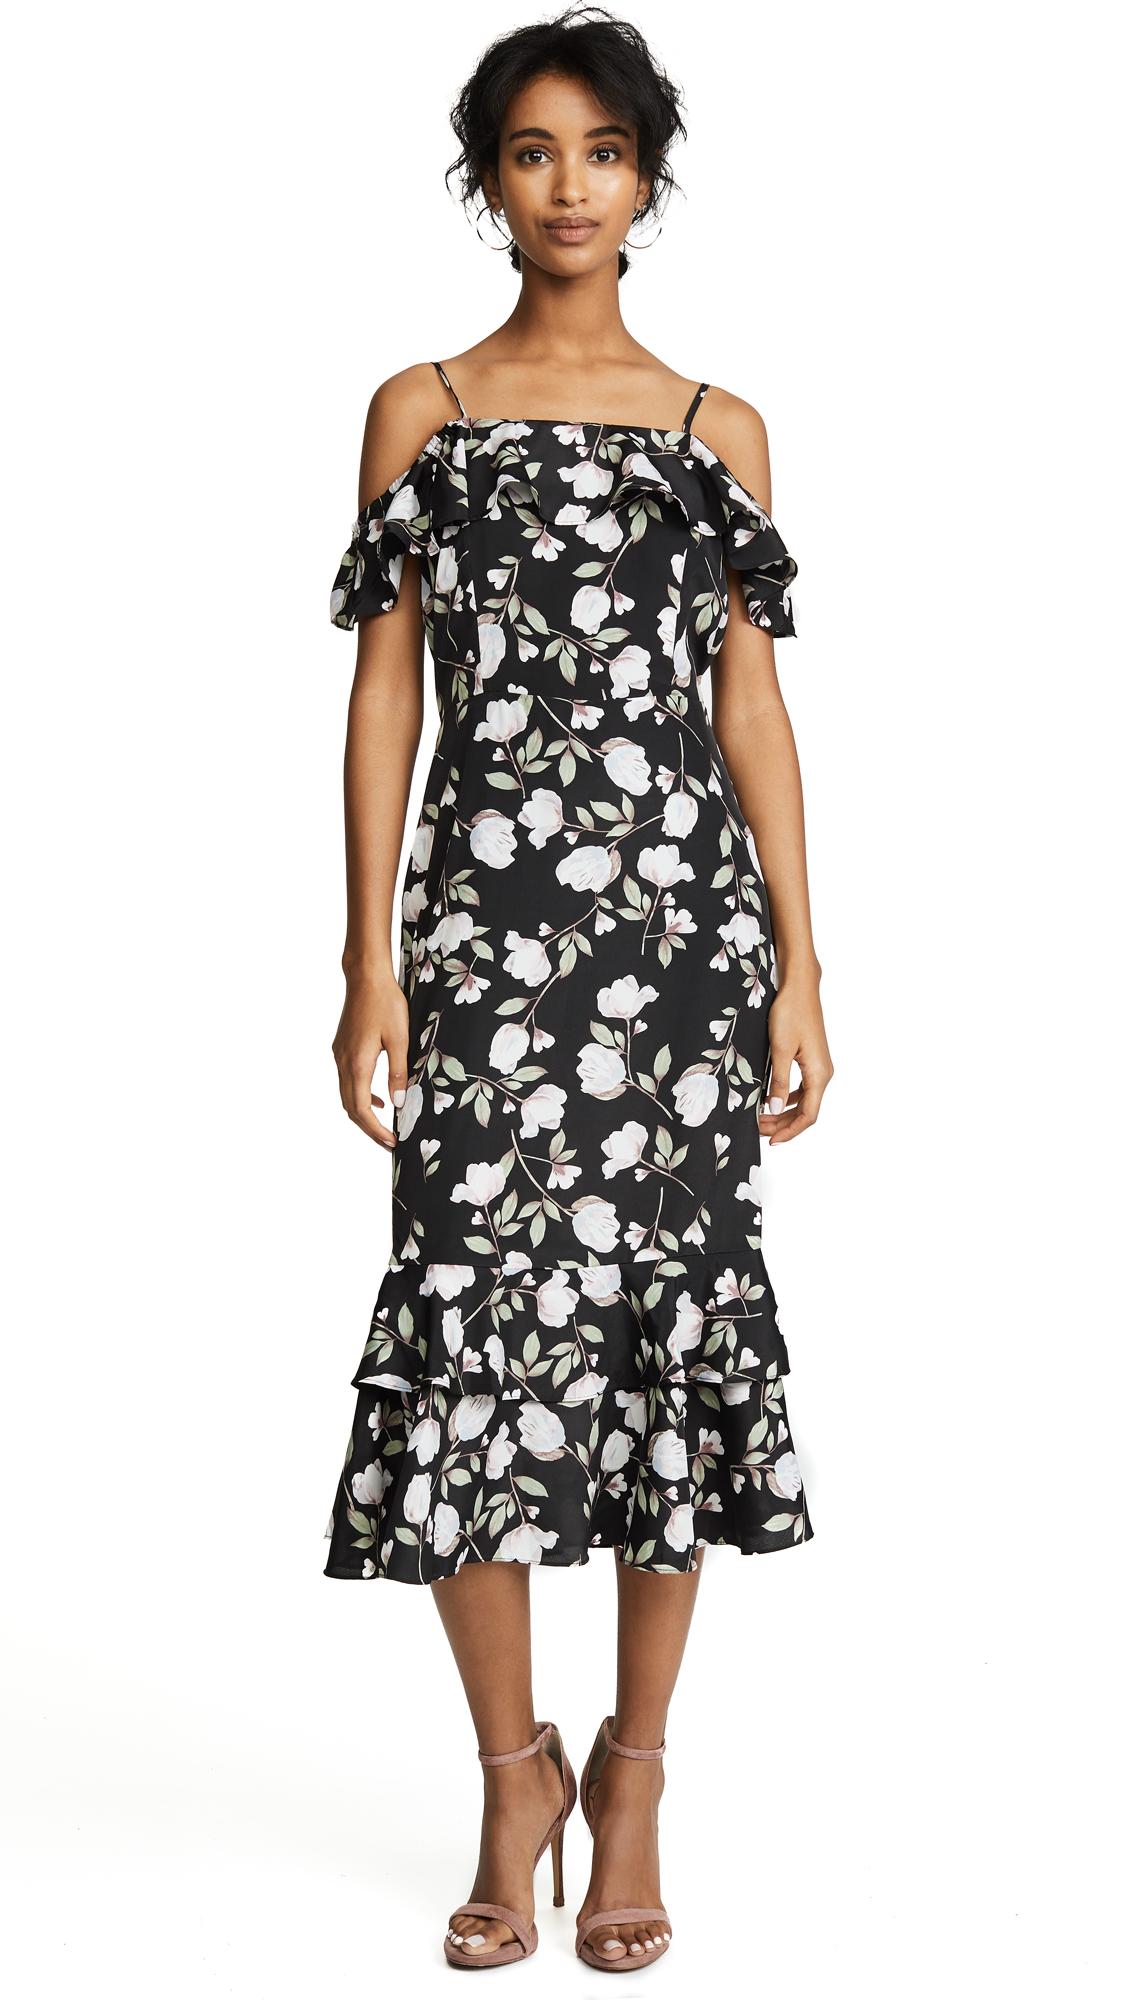 J.O.A. Floral Dress In Black Floral